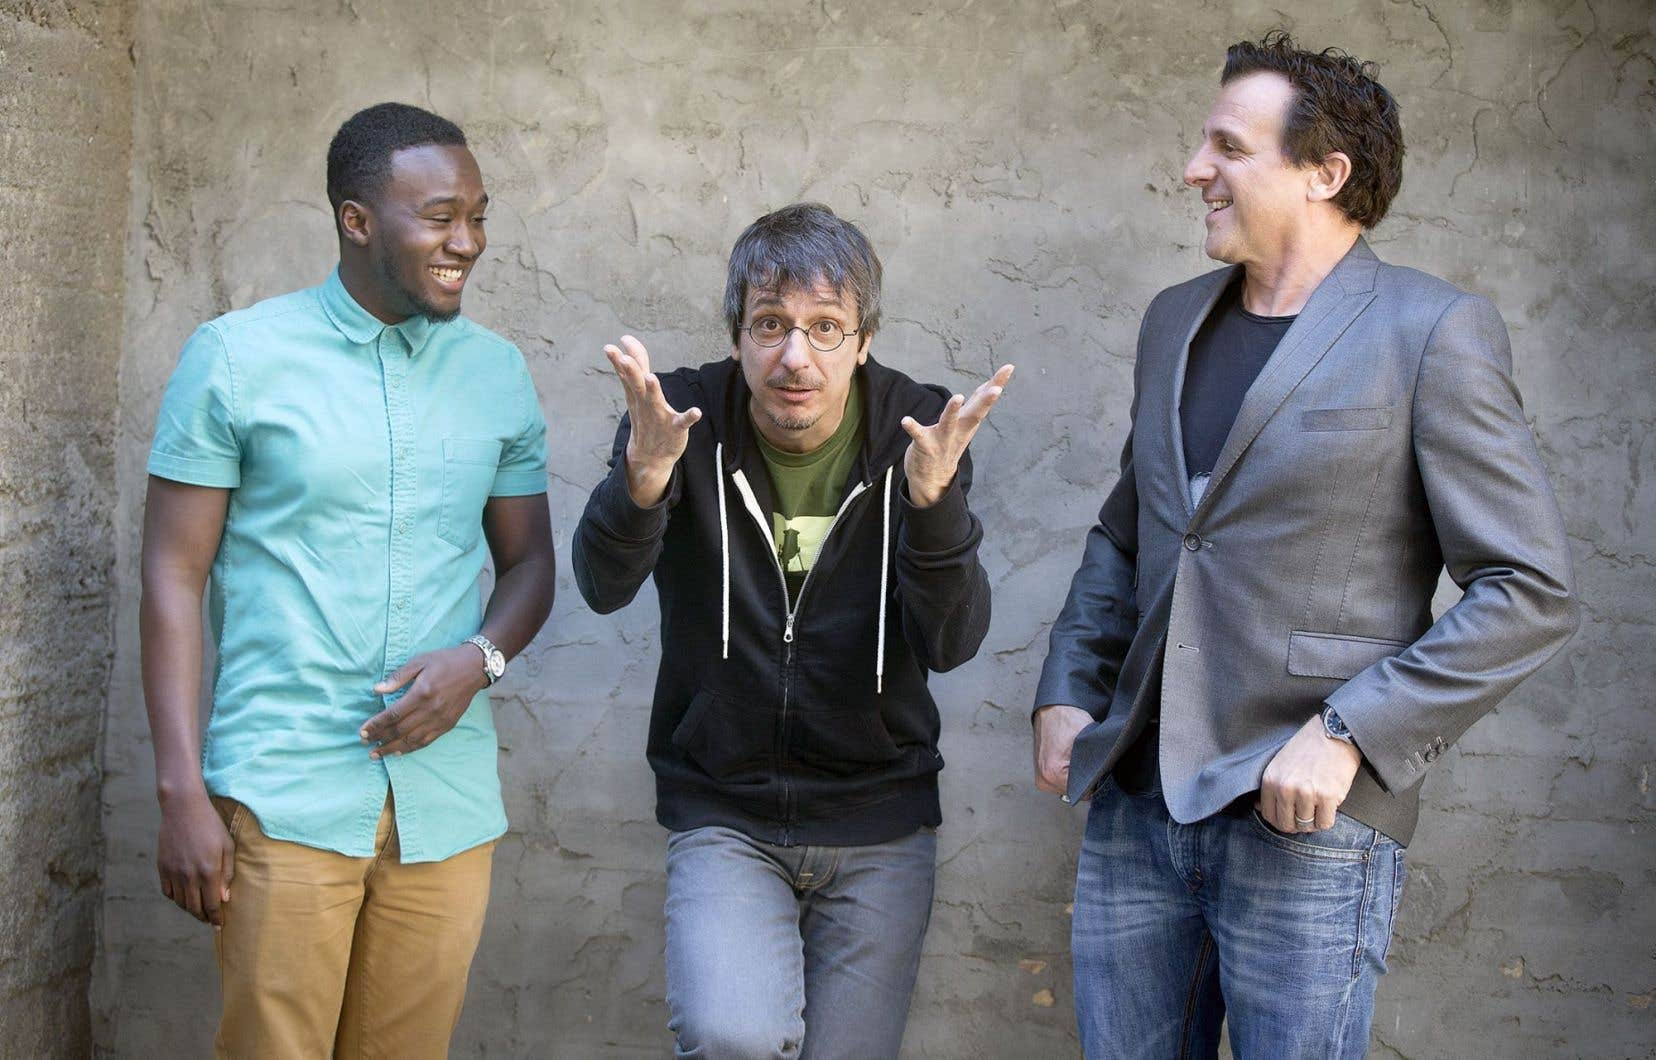 Le réalisateur Philippe Falardeau entre les comédiens Irdens Exantus et Patrick Huard, vedettes de «Guibord s'en va-t-en guerre», film présenté en ouverture du festival de Rivière-du-Loup